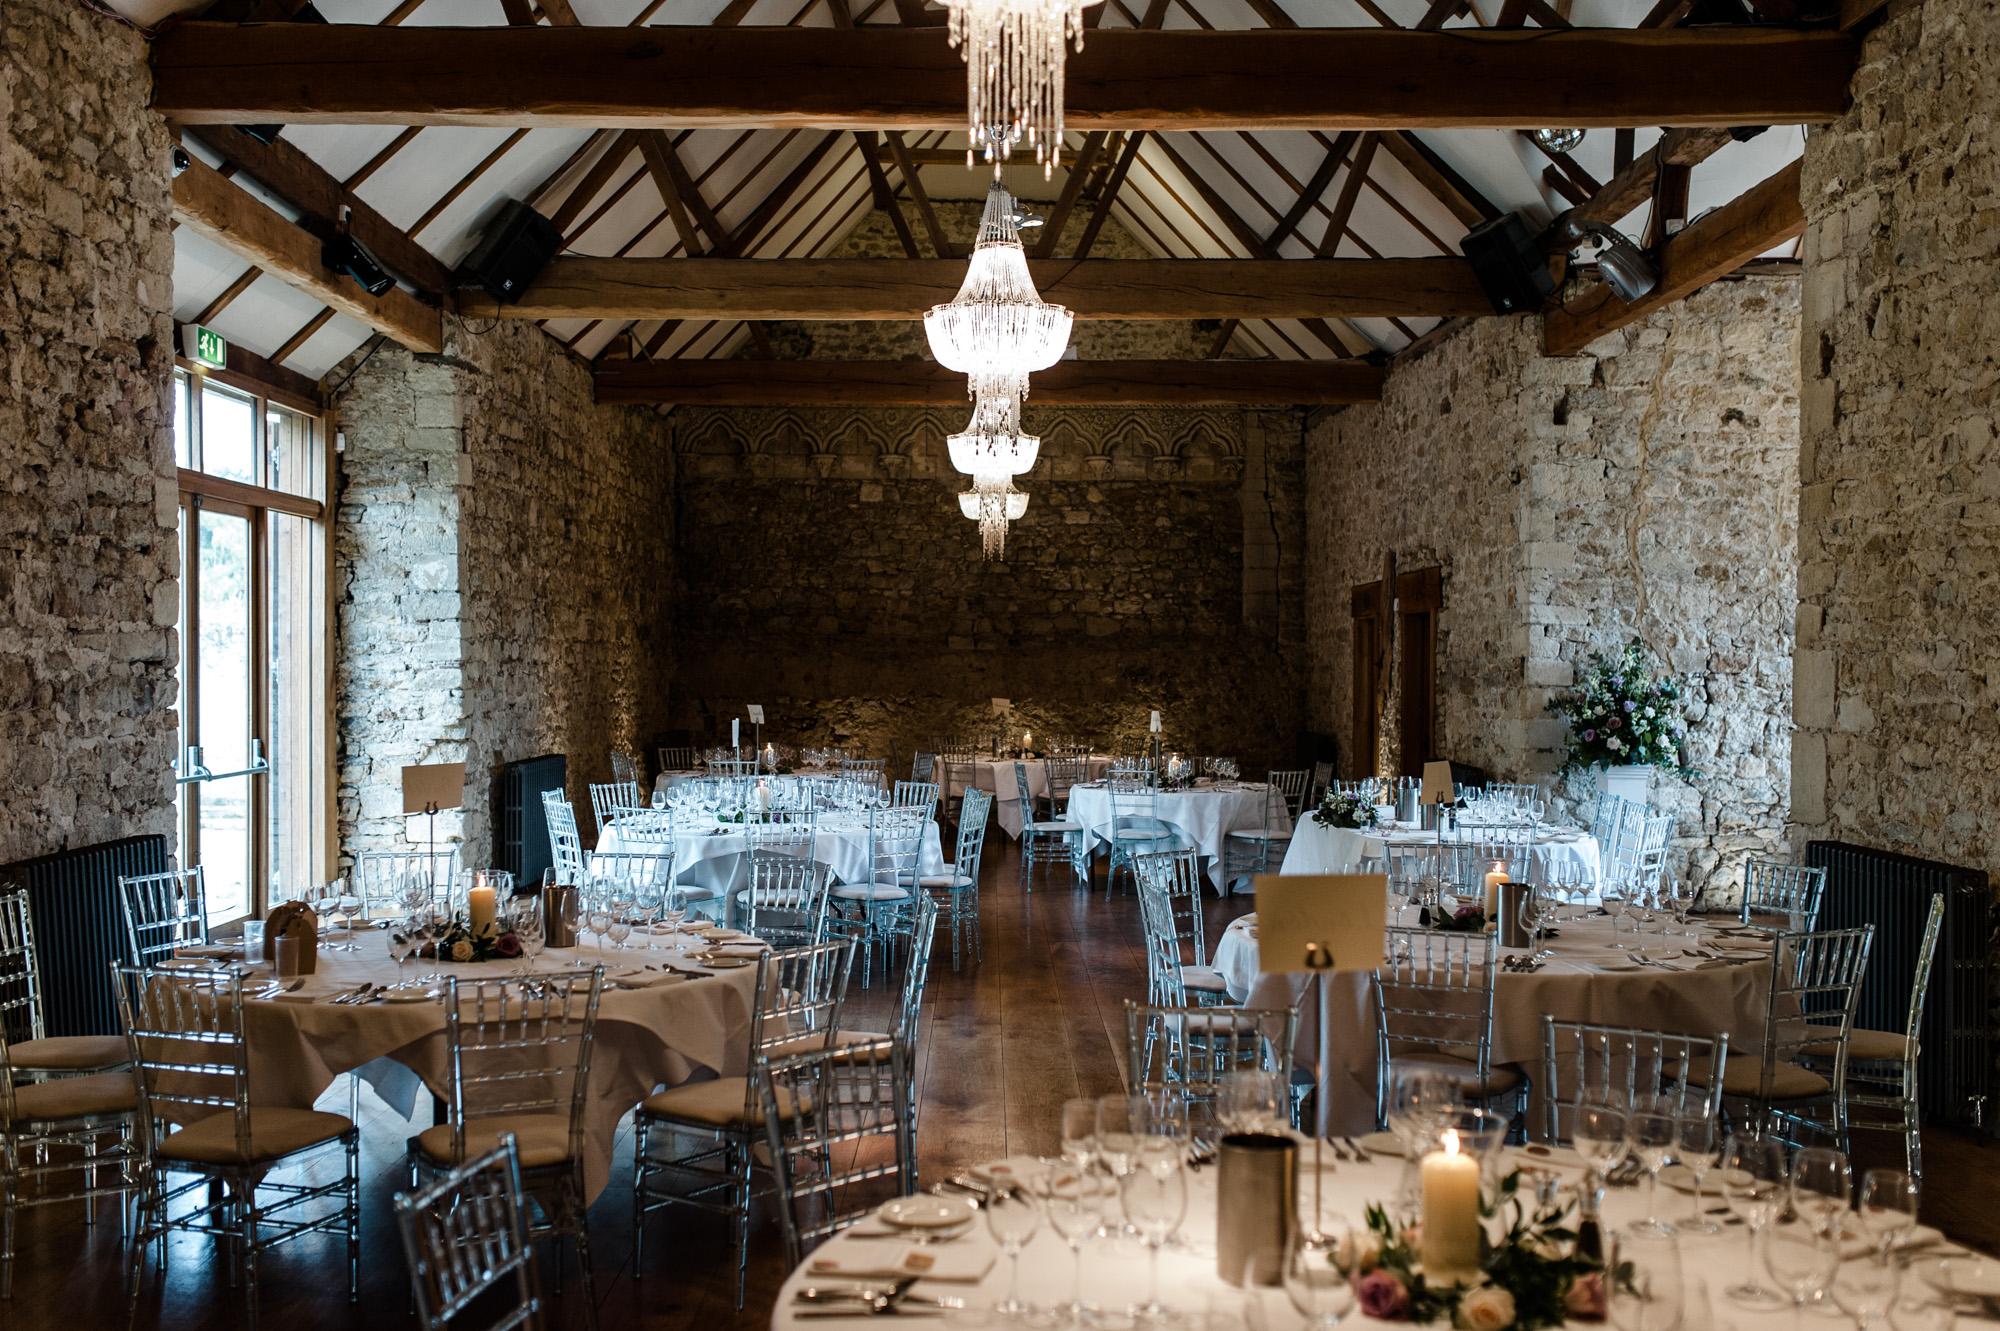 Notley Barn Wedding 26.10.18 20.jpg